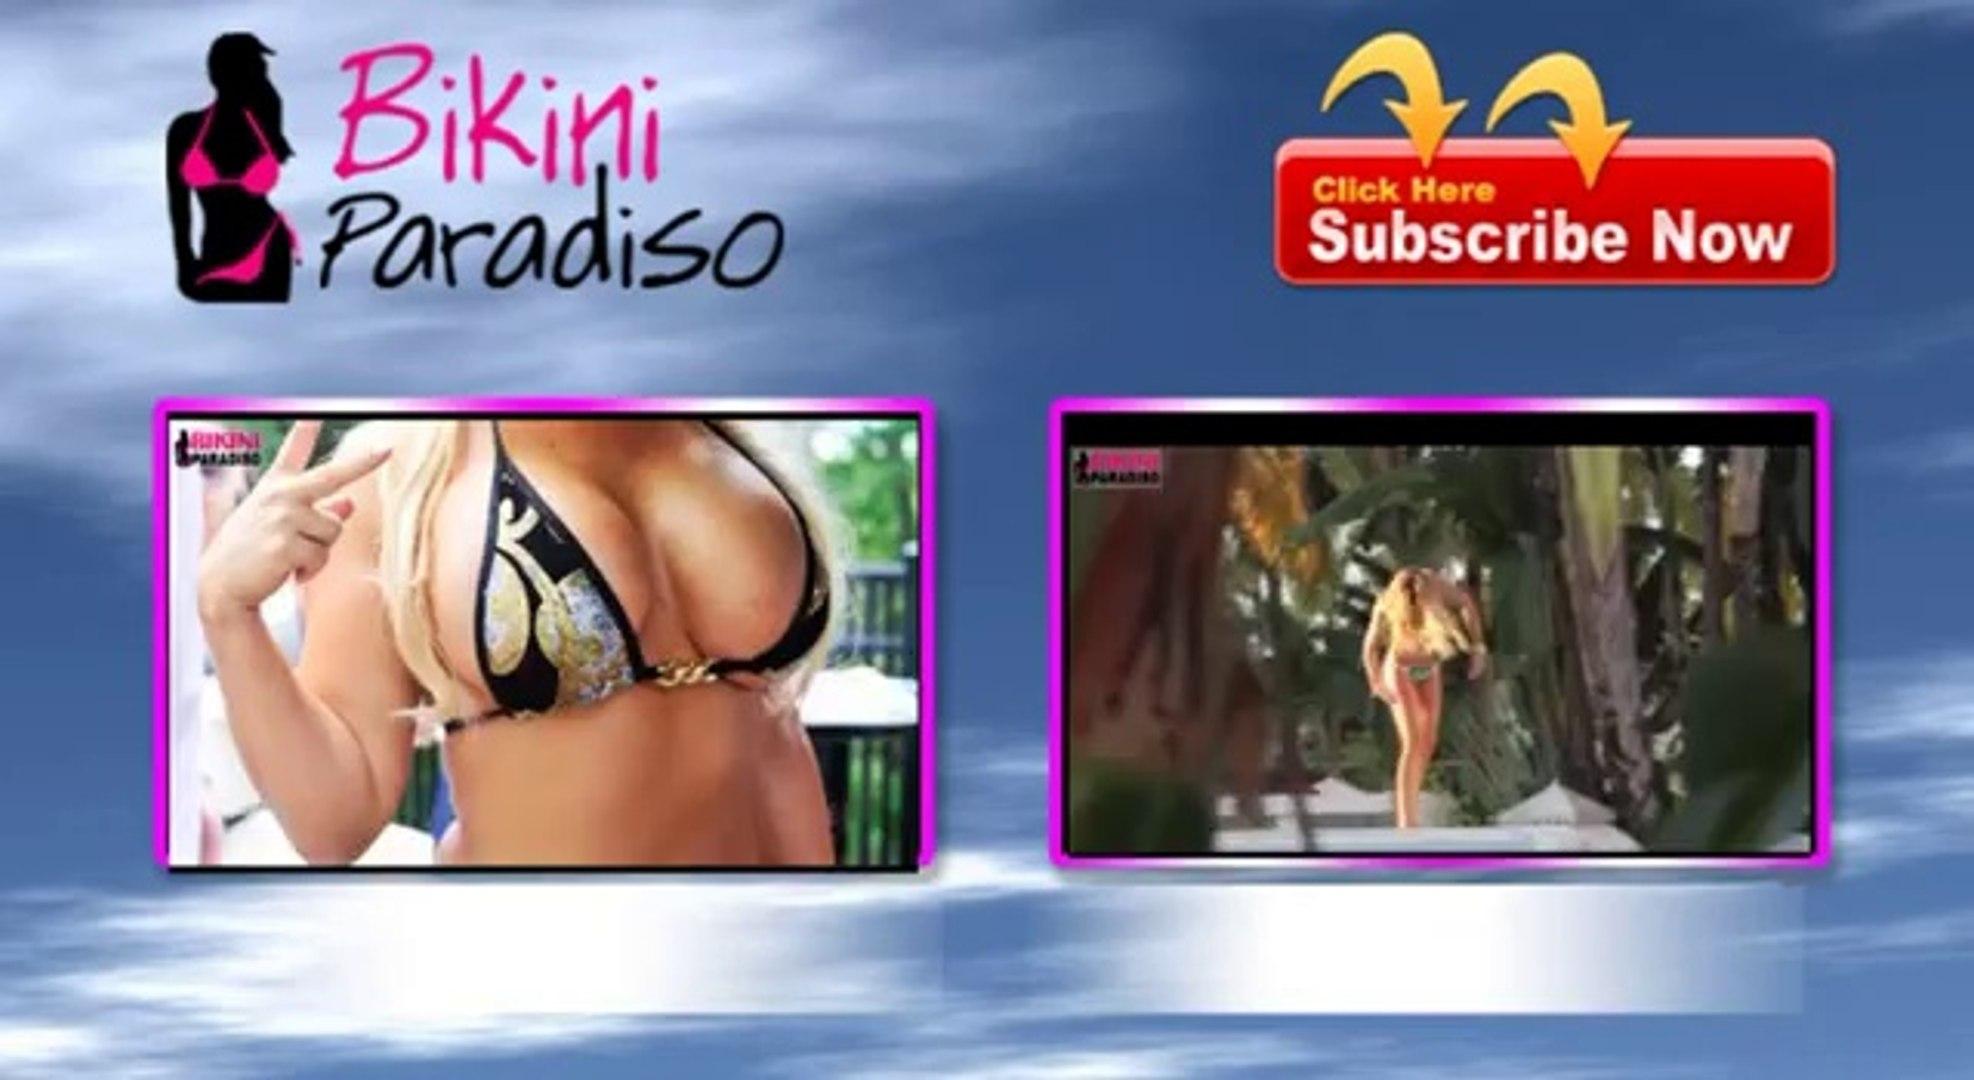 Claudia Galanti in a SEXY Green Bandeau Bikini bikini paradiso1 FULL HD